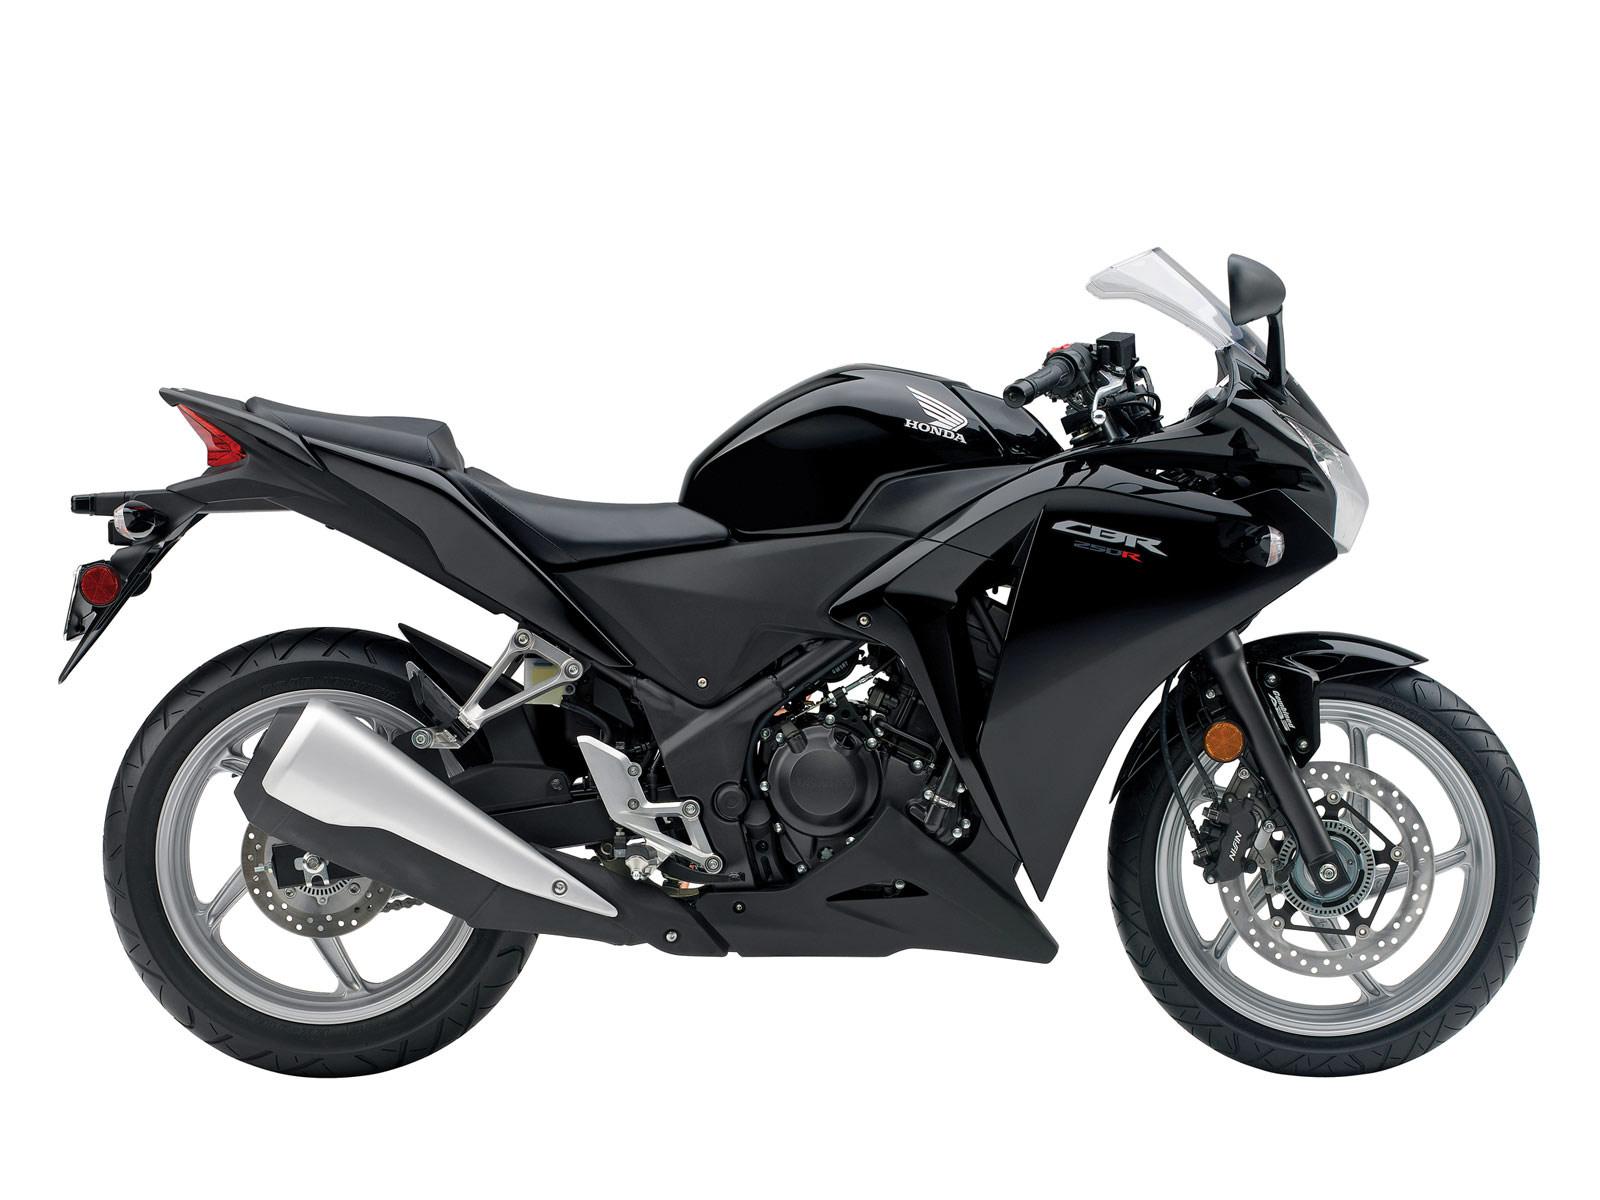 http://1.bp.blogspot.com/_ja0nvj5Jato/TRCVAN7OTyI/AAAAAAAAJEs/2cqo8Wt1YwA/s1600/2011_Honda_CBR250R_ABS_motorcycle-pictures_4.jpg